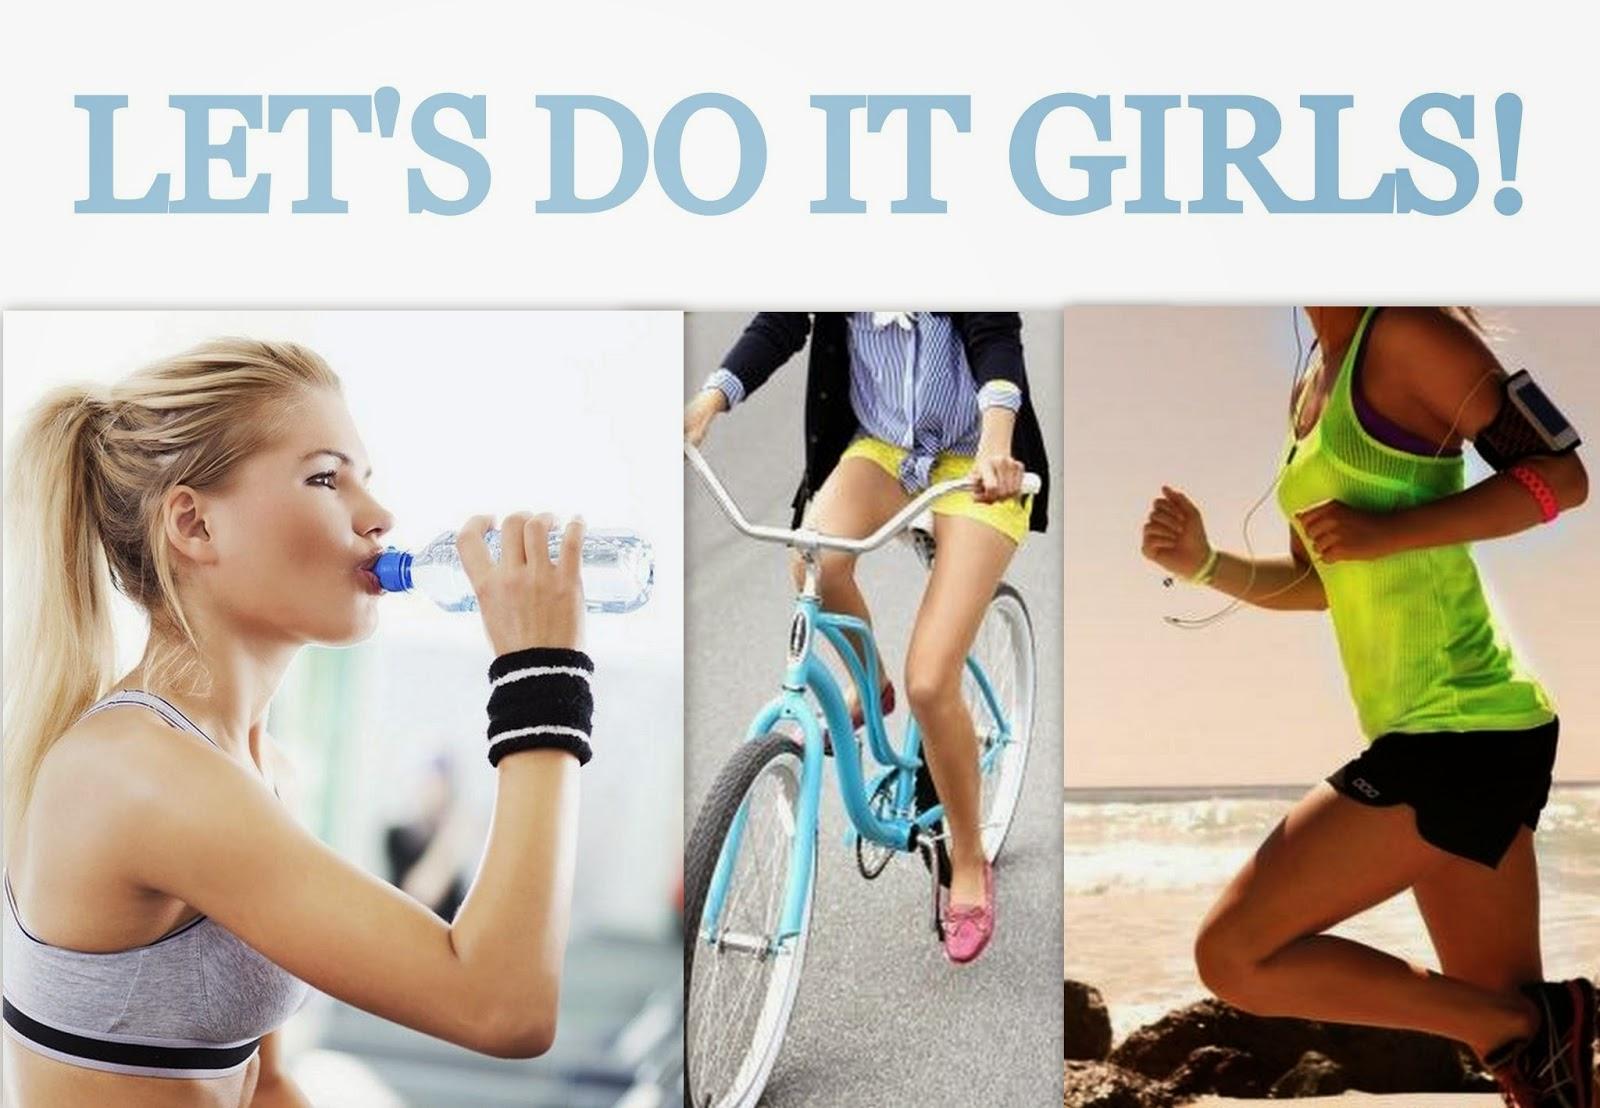 LET'S DO IT GIRLS!